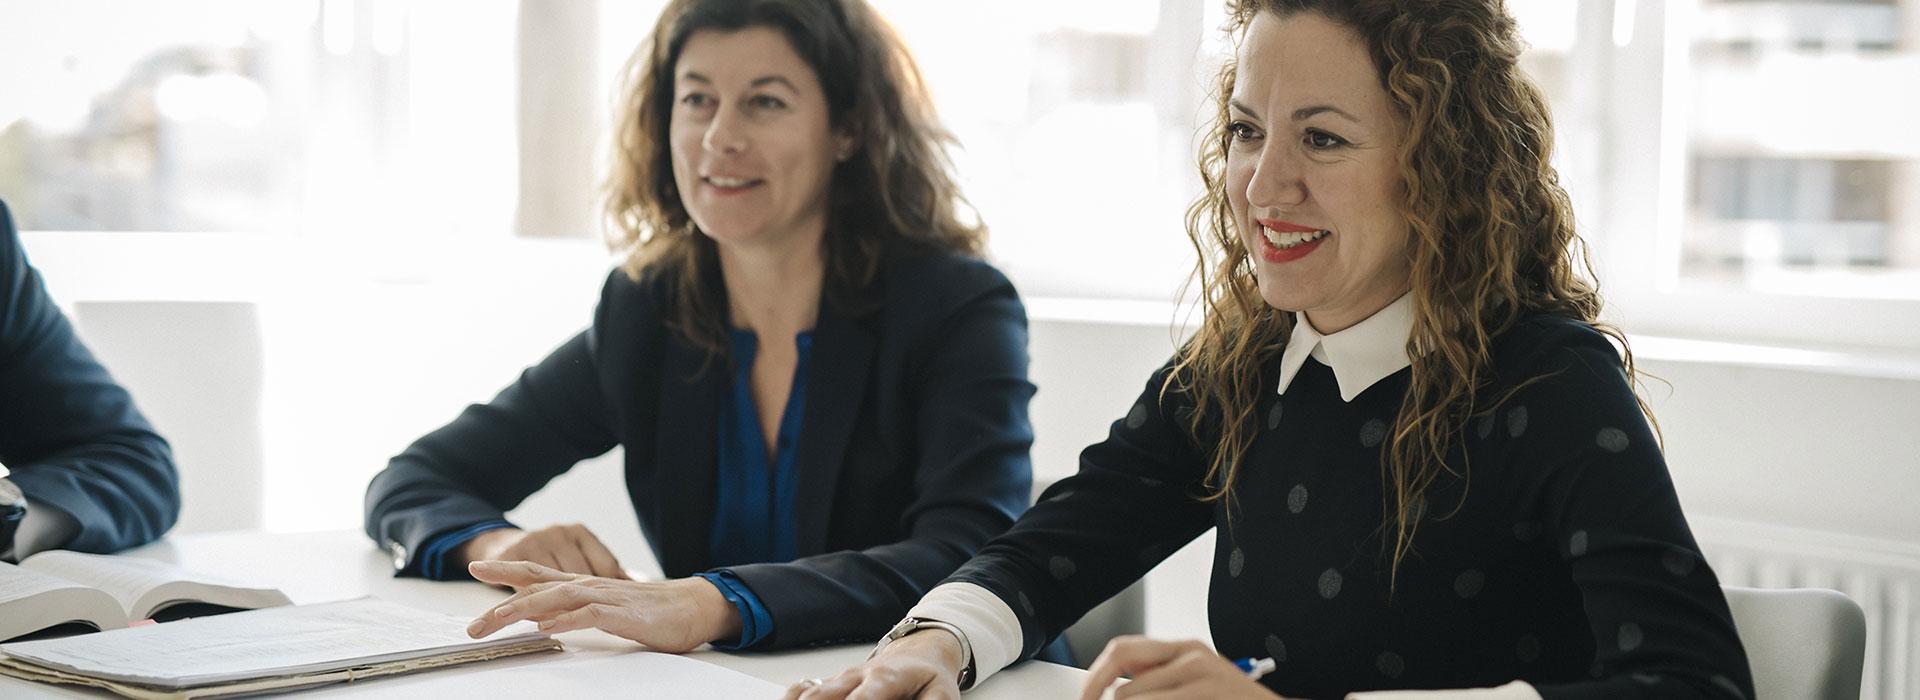 Somos abogados especializados en laboral e incapacidades, daños y perjuicios, asesoramiento de empresas en Valencia